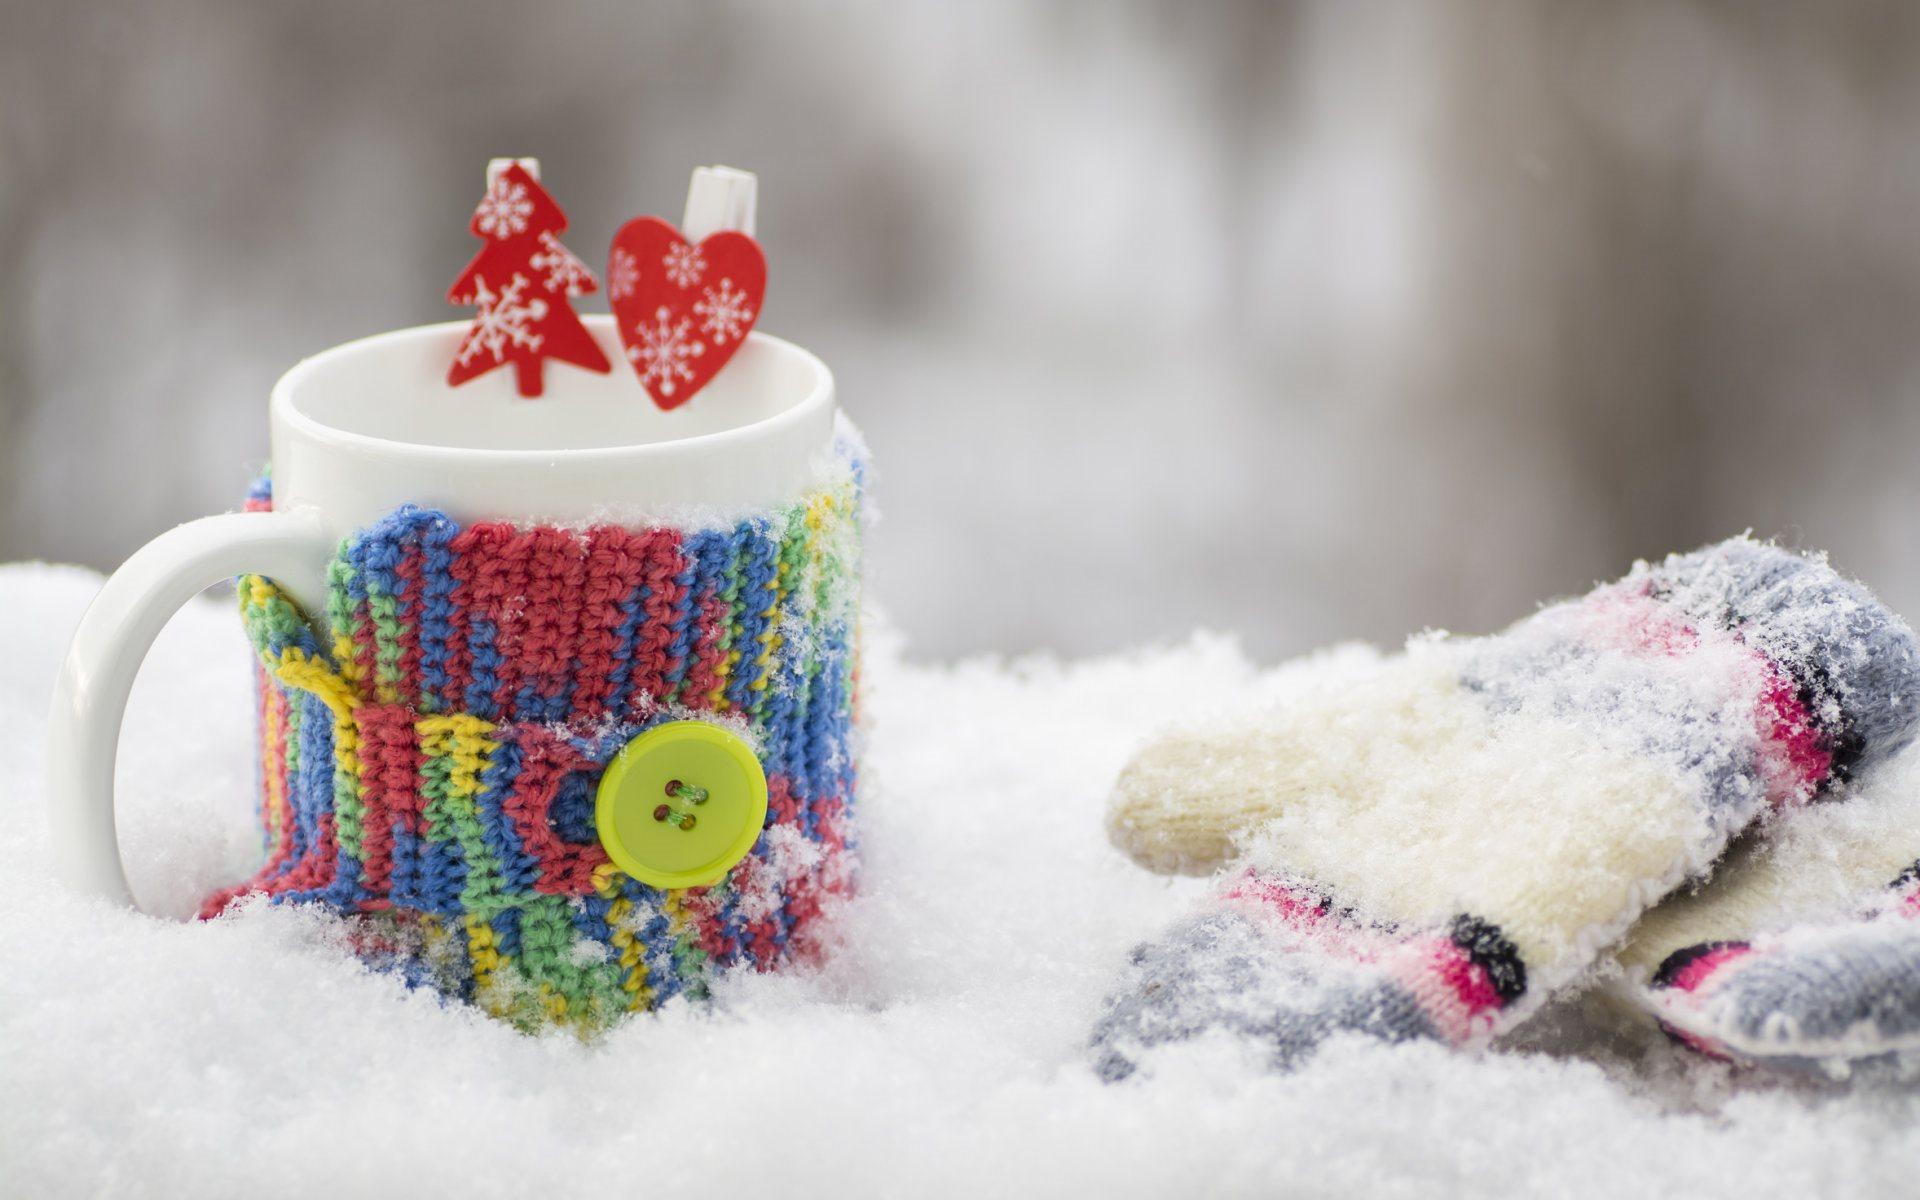 картинки доброе утро позитивные красочные природа зима оно находилось торговом